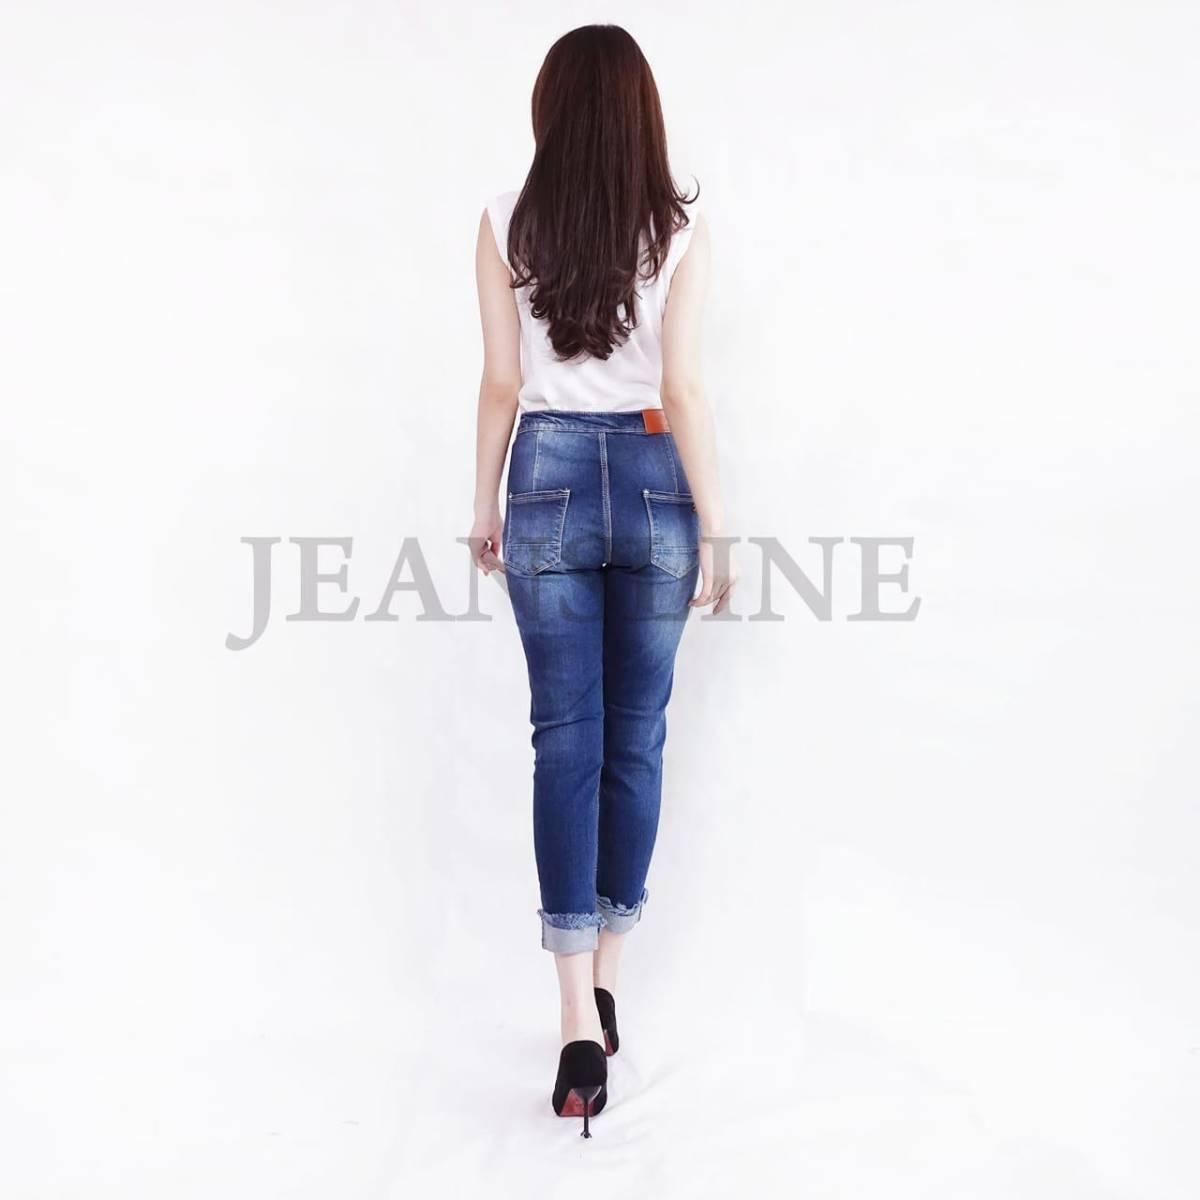 Celana Panjang Jeans Wanita - Paket 12 Pcs (size 31, 32, 33, 34)3